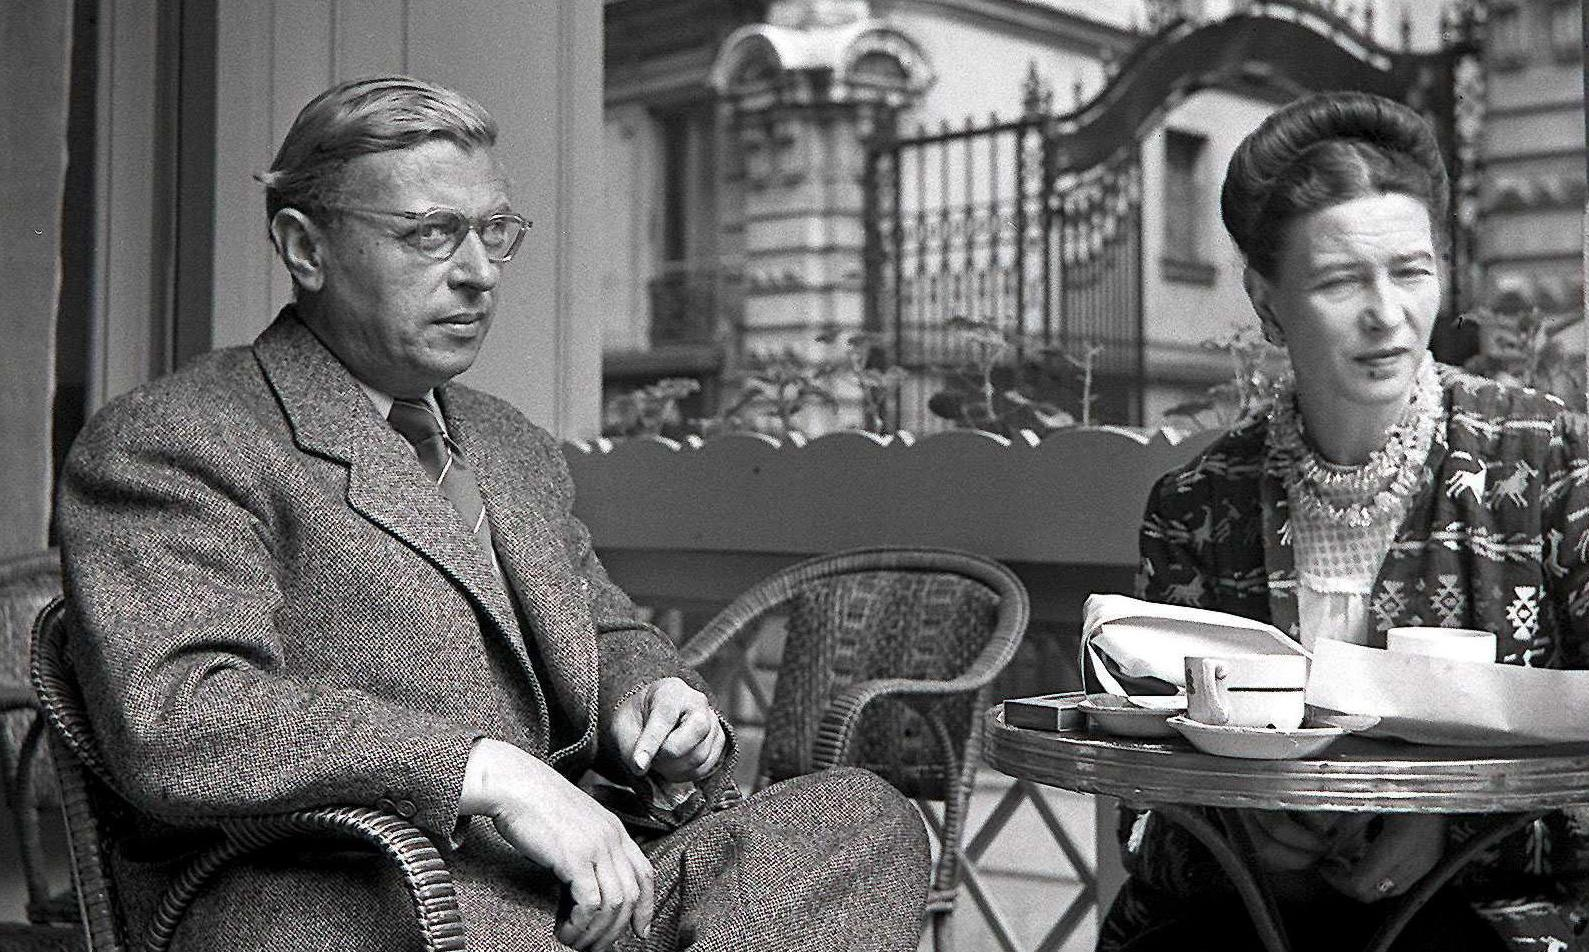 Les Temps Modernes: Paris mourns passing of the intellectual left's bible